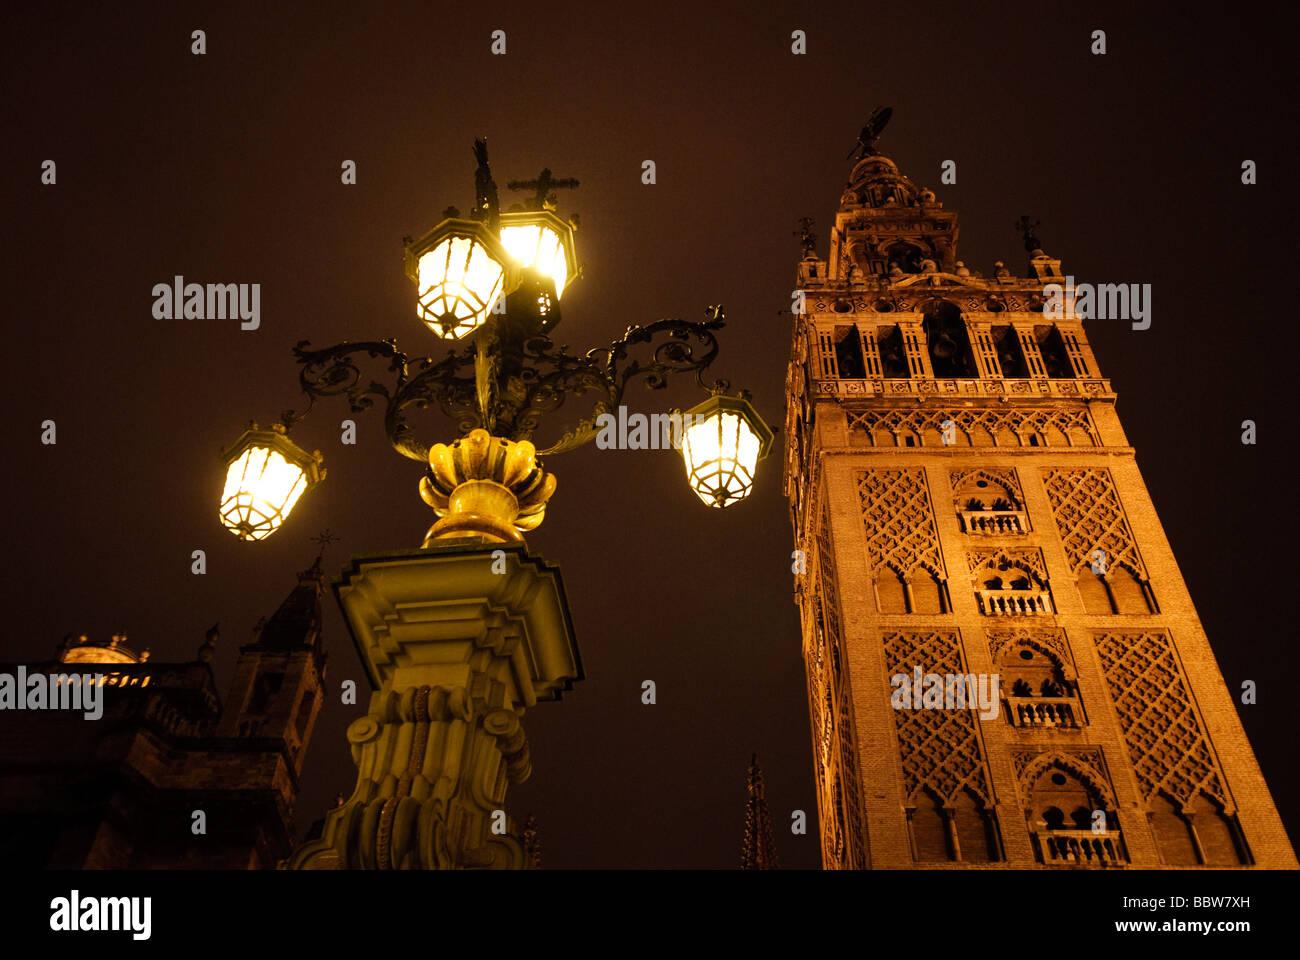 beleuchteten Turm La Giralda der Kathedrale von in der Nacht in Sevilla Andalucia Spanien Stockbild